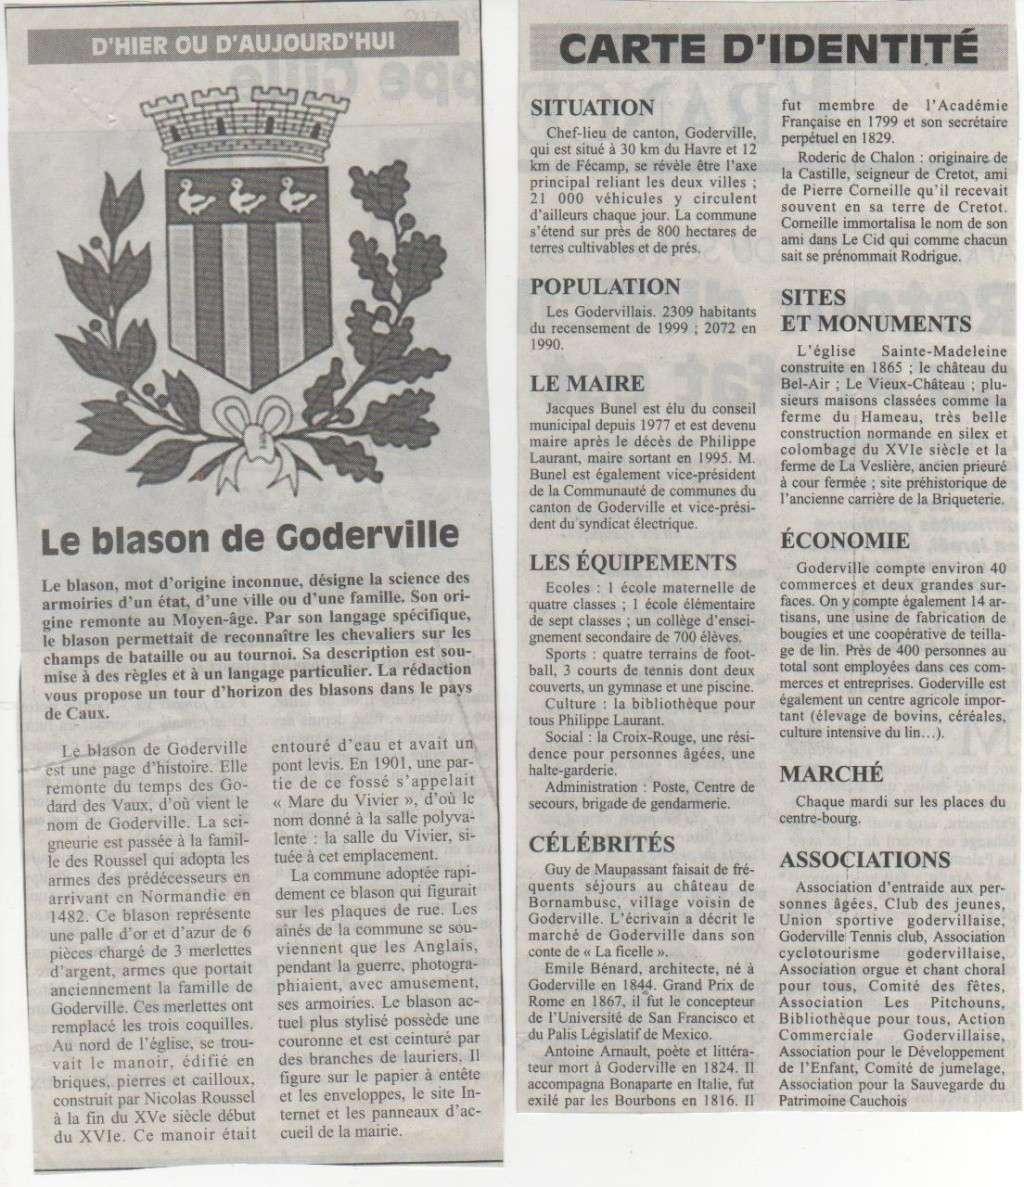 Histoire des communes - Goderville Histoi33